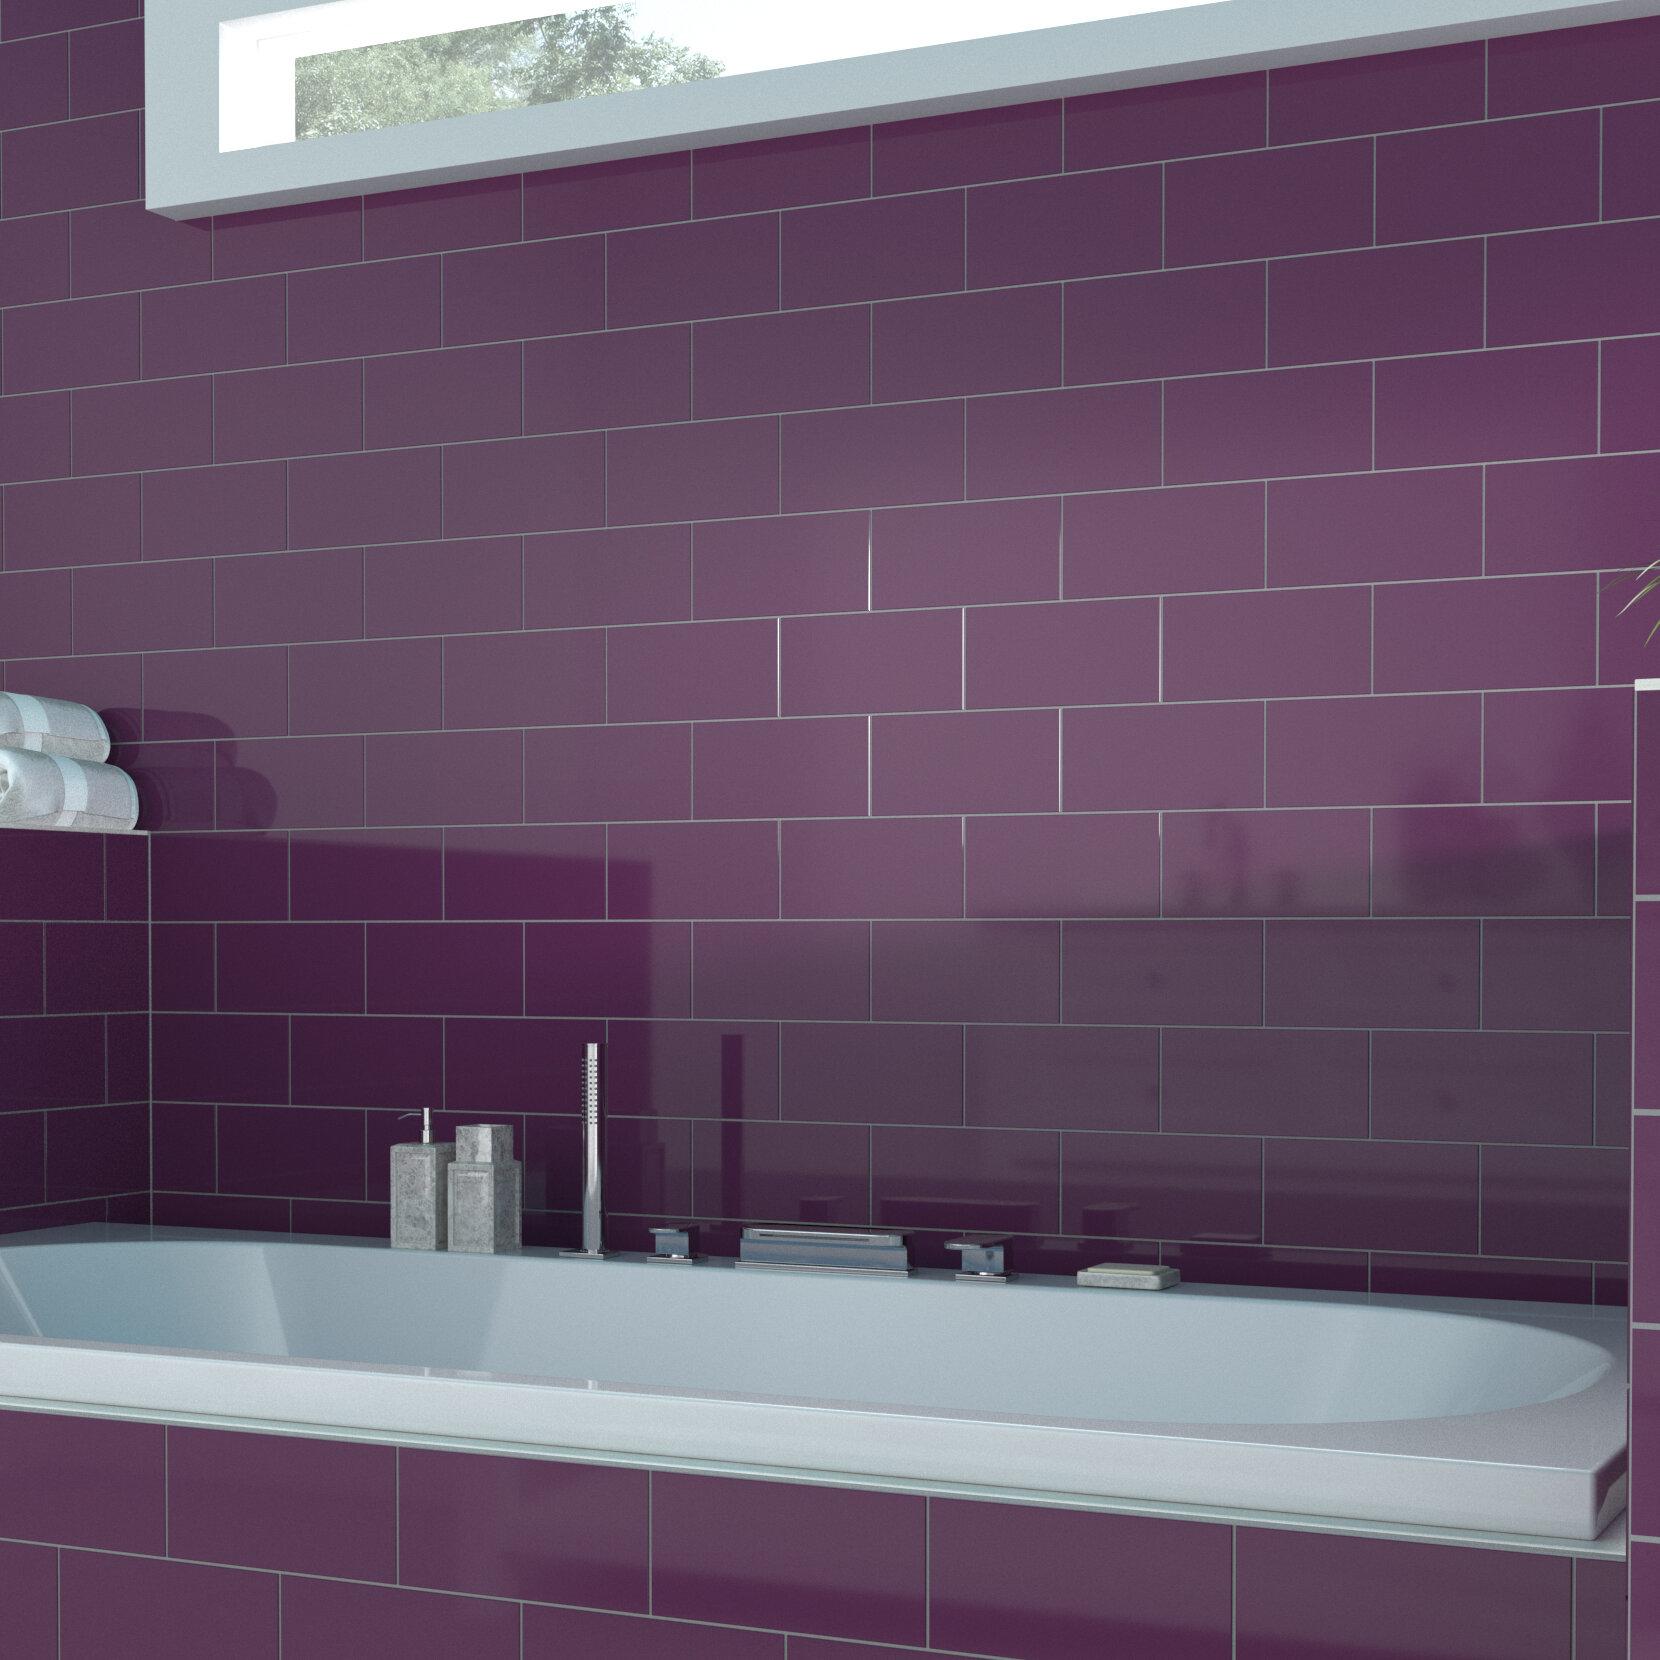 Grape Color Beat 4  x 8  Ceramic Subway Tile  Part number  WT20 WF 10408G. Pixl Color Beat 4  x 8  Ceramic Subway Tile   Wayfair